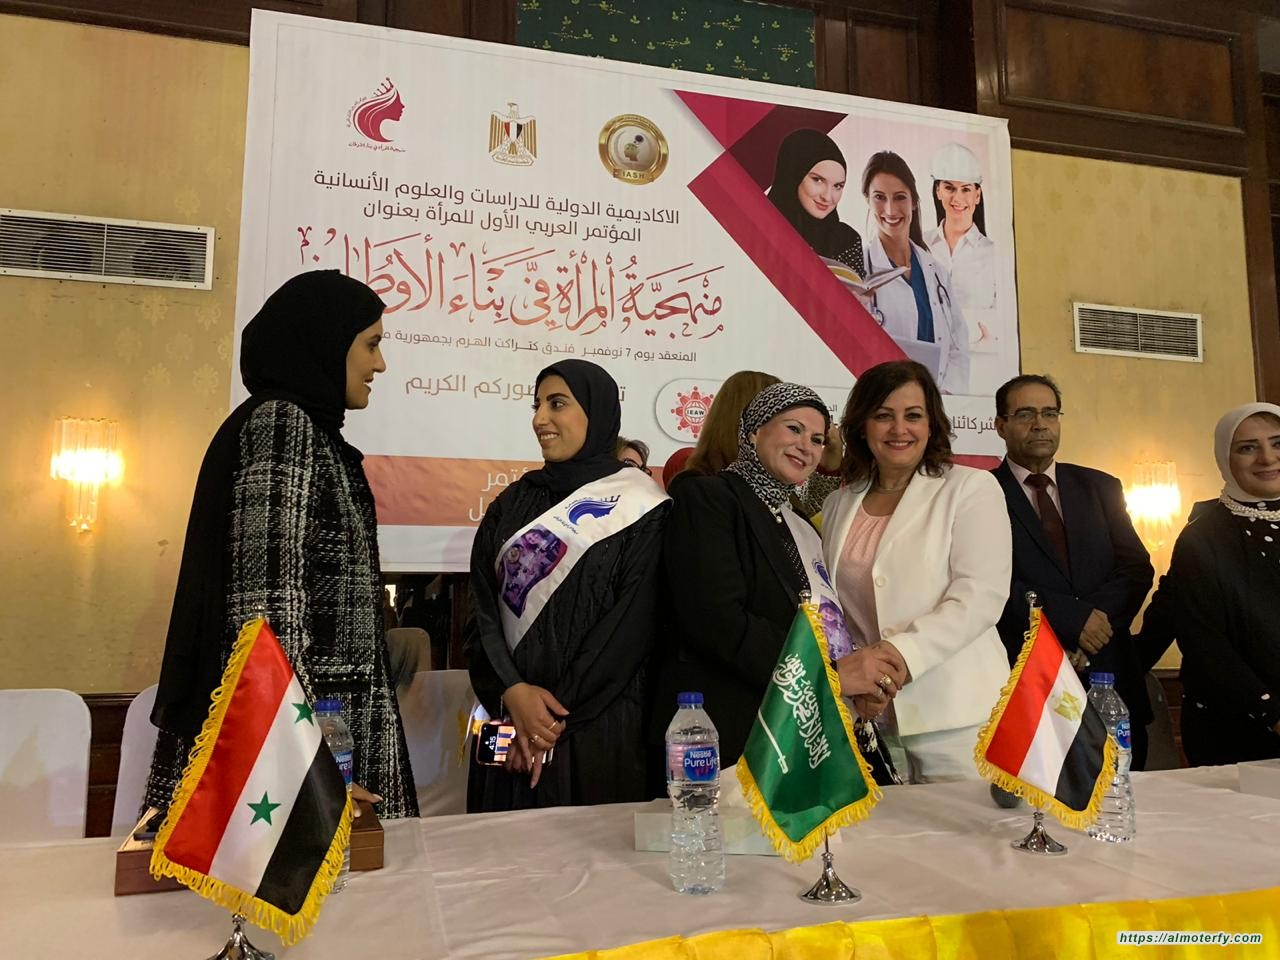 """المهندسة الشيماء  الشايب بين """"الجندر"""" و تكريمها  اول سعودية بمؤتمر المرأة"""